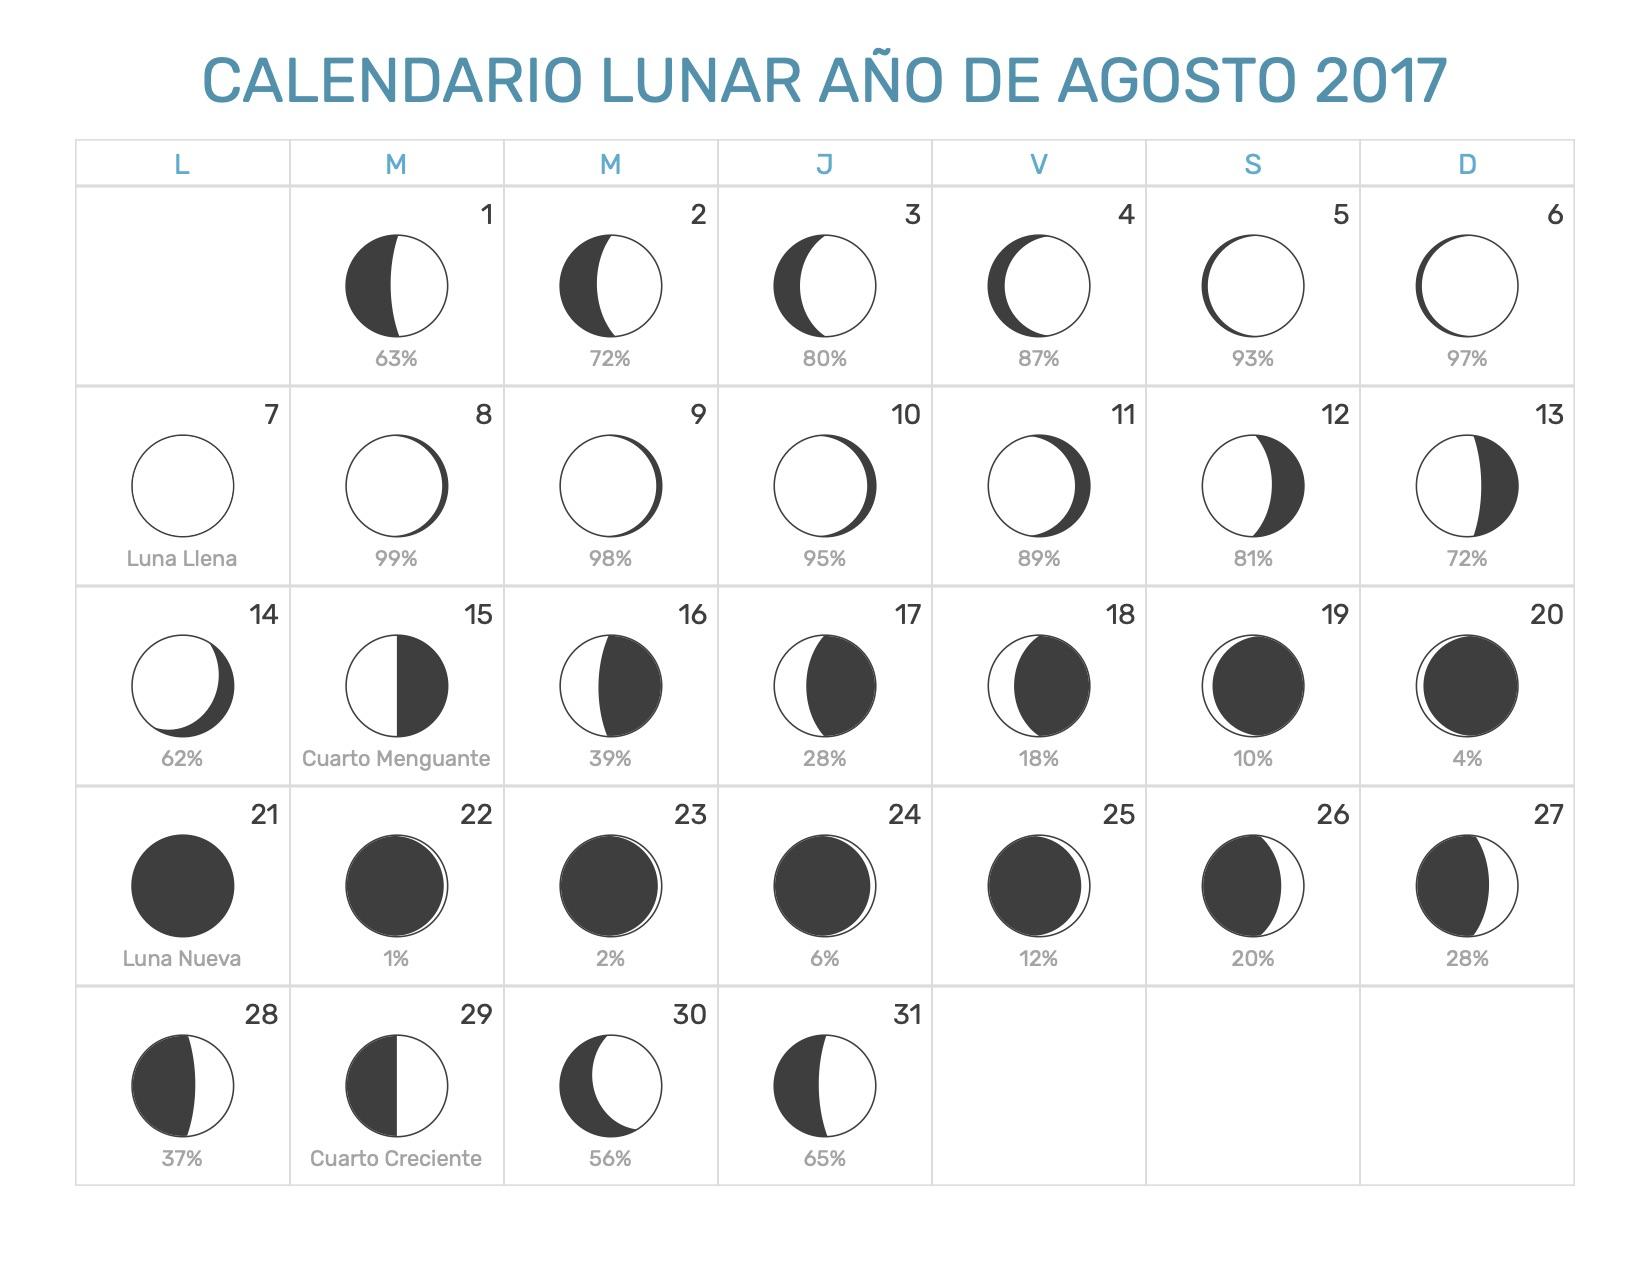 Calendario lunar agosto 2017 for Almanaque lunar 2017